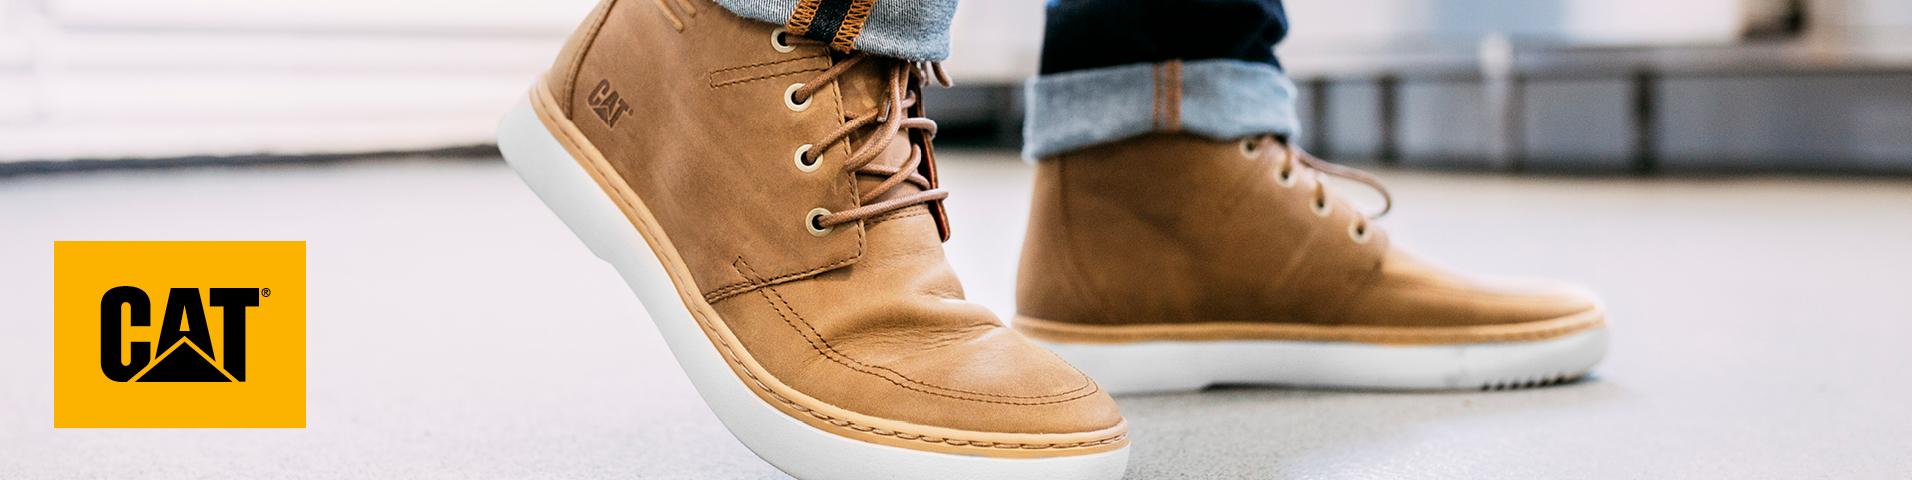 Ropa y zapatos online de Cat Footwear · MujerHombre 38e74df4fc042